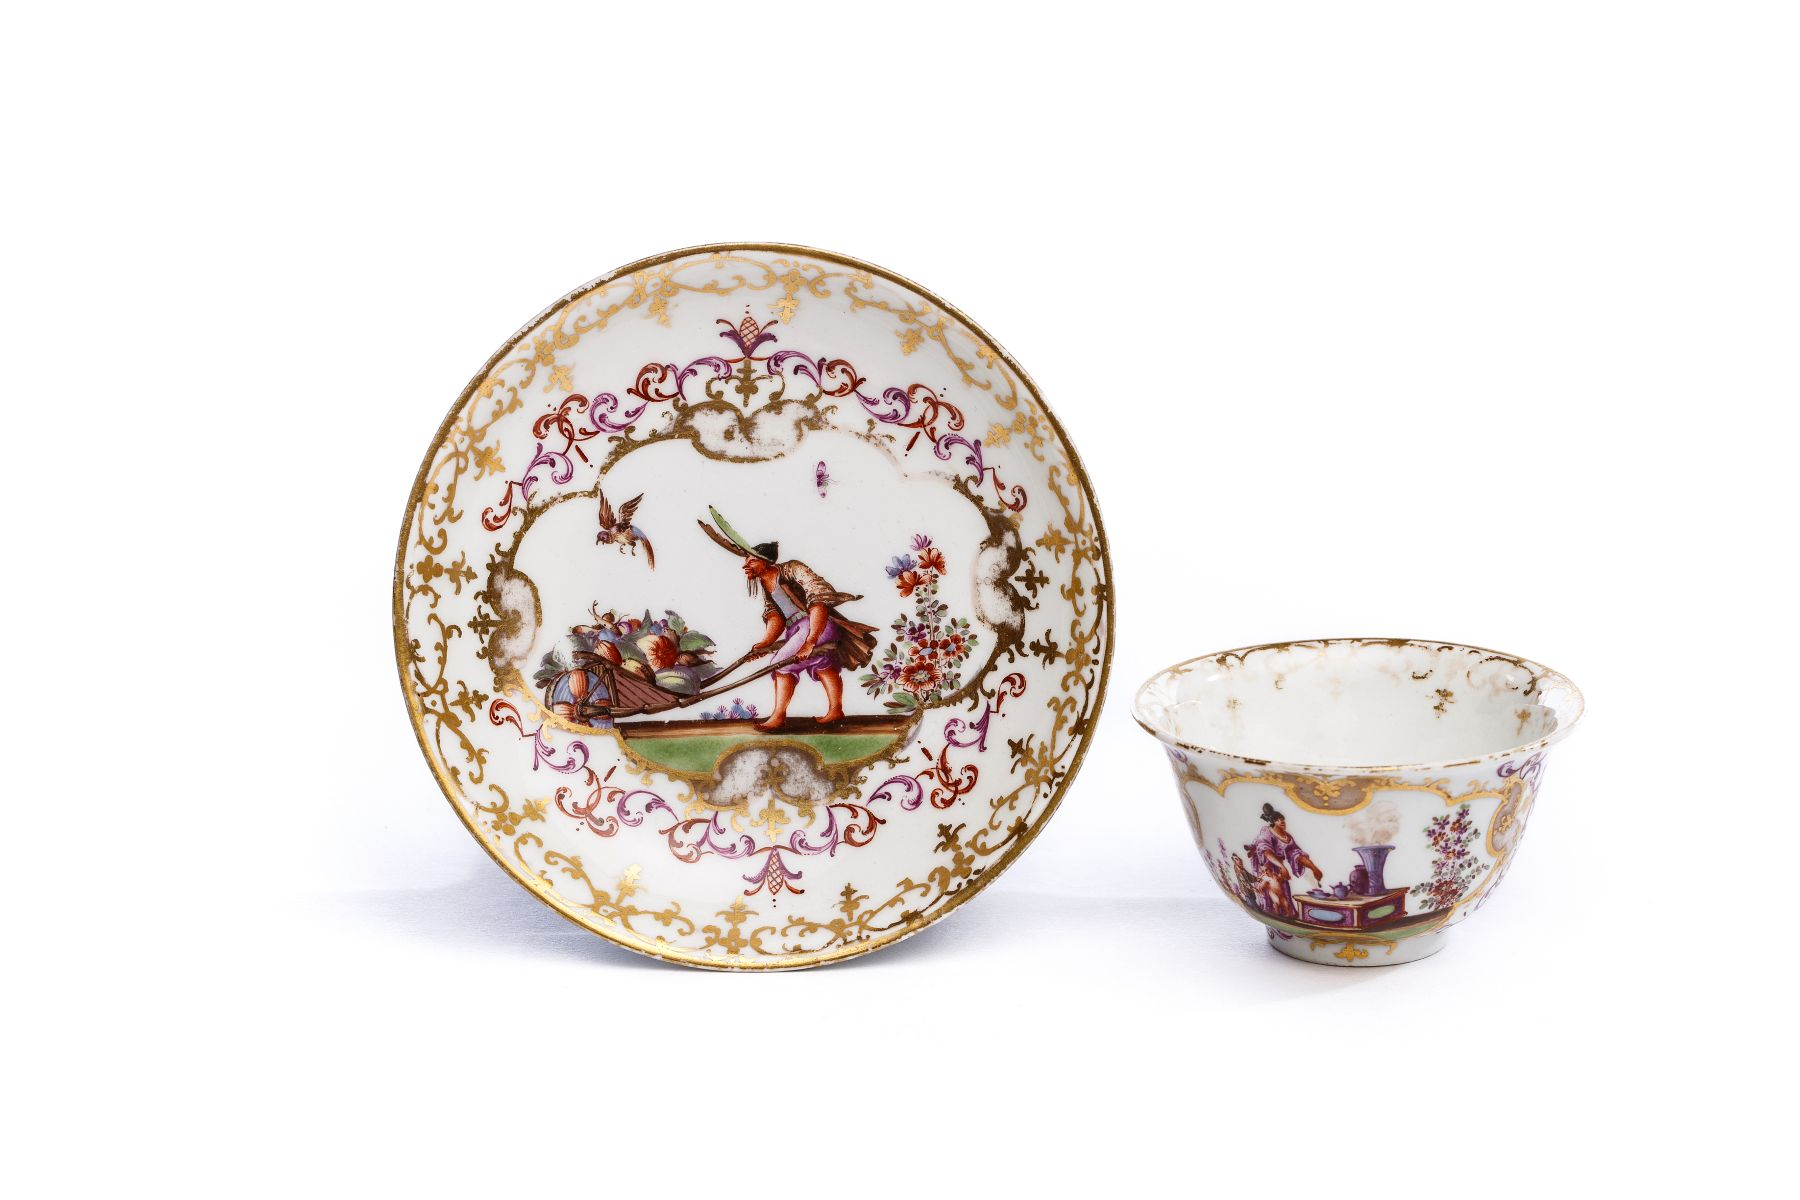 #17 Bowl with saucer, Meissen 1723/25 | Koppchen mit Unterschale, Meissen 1723/25 Image